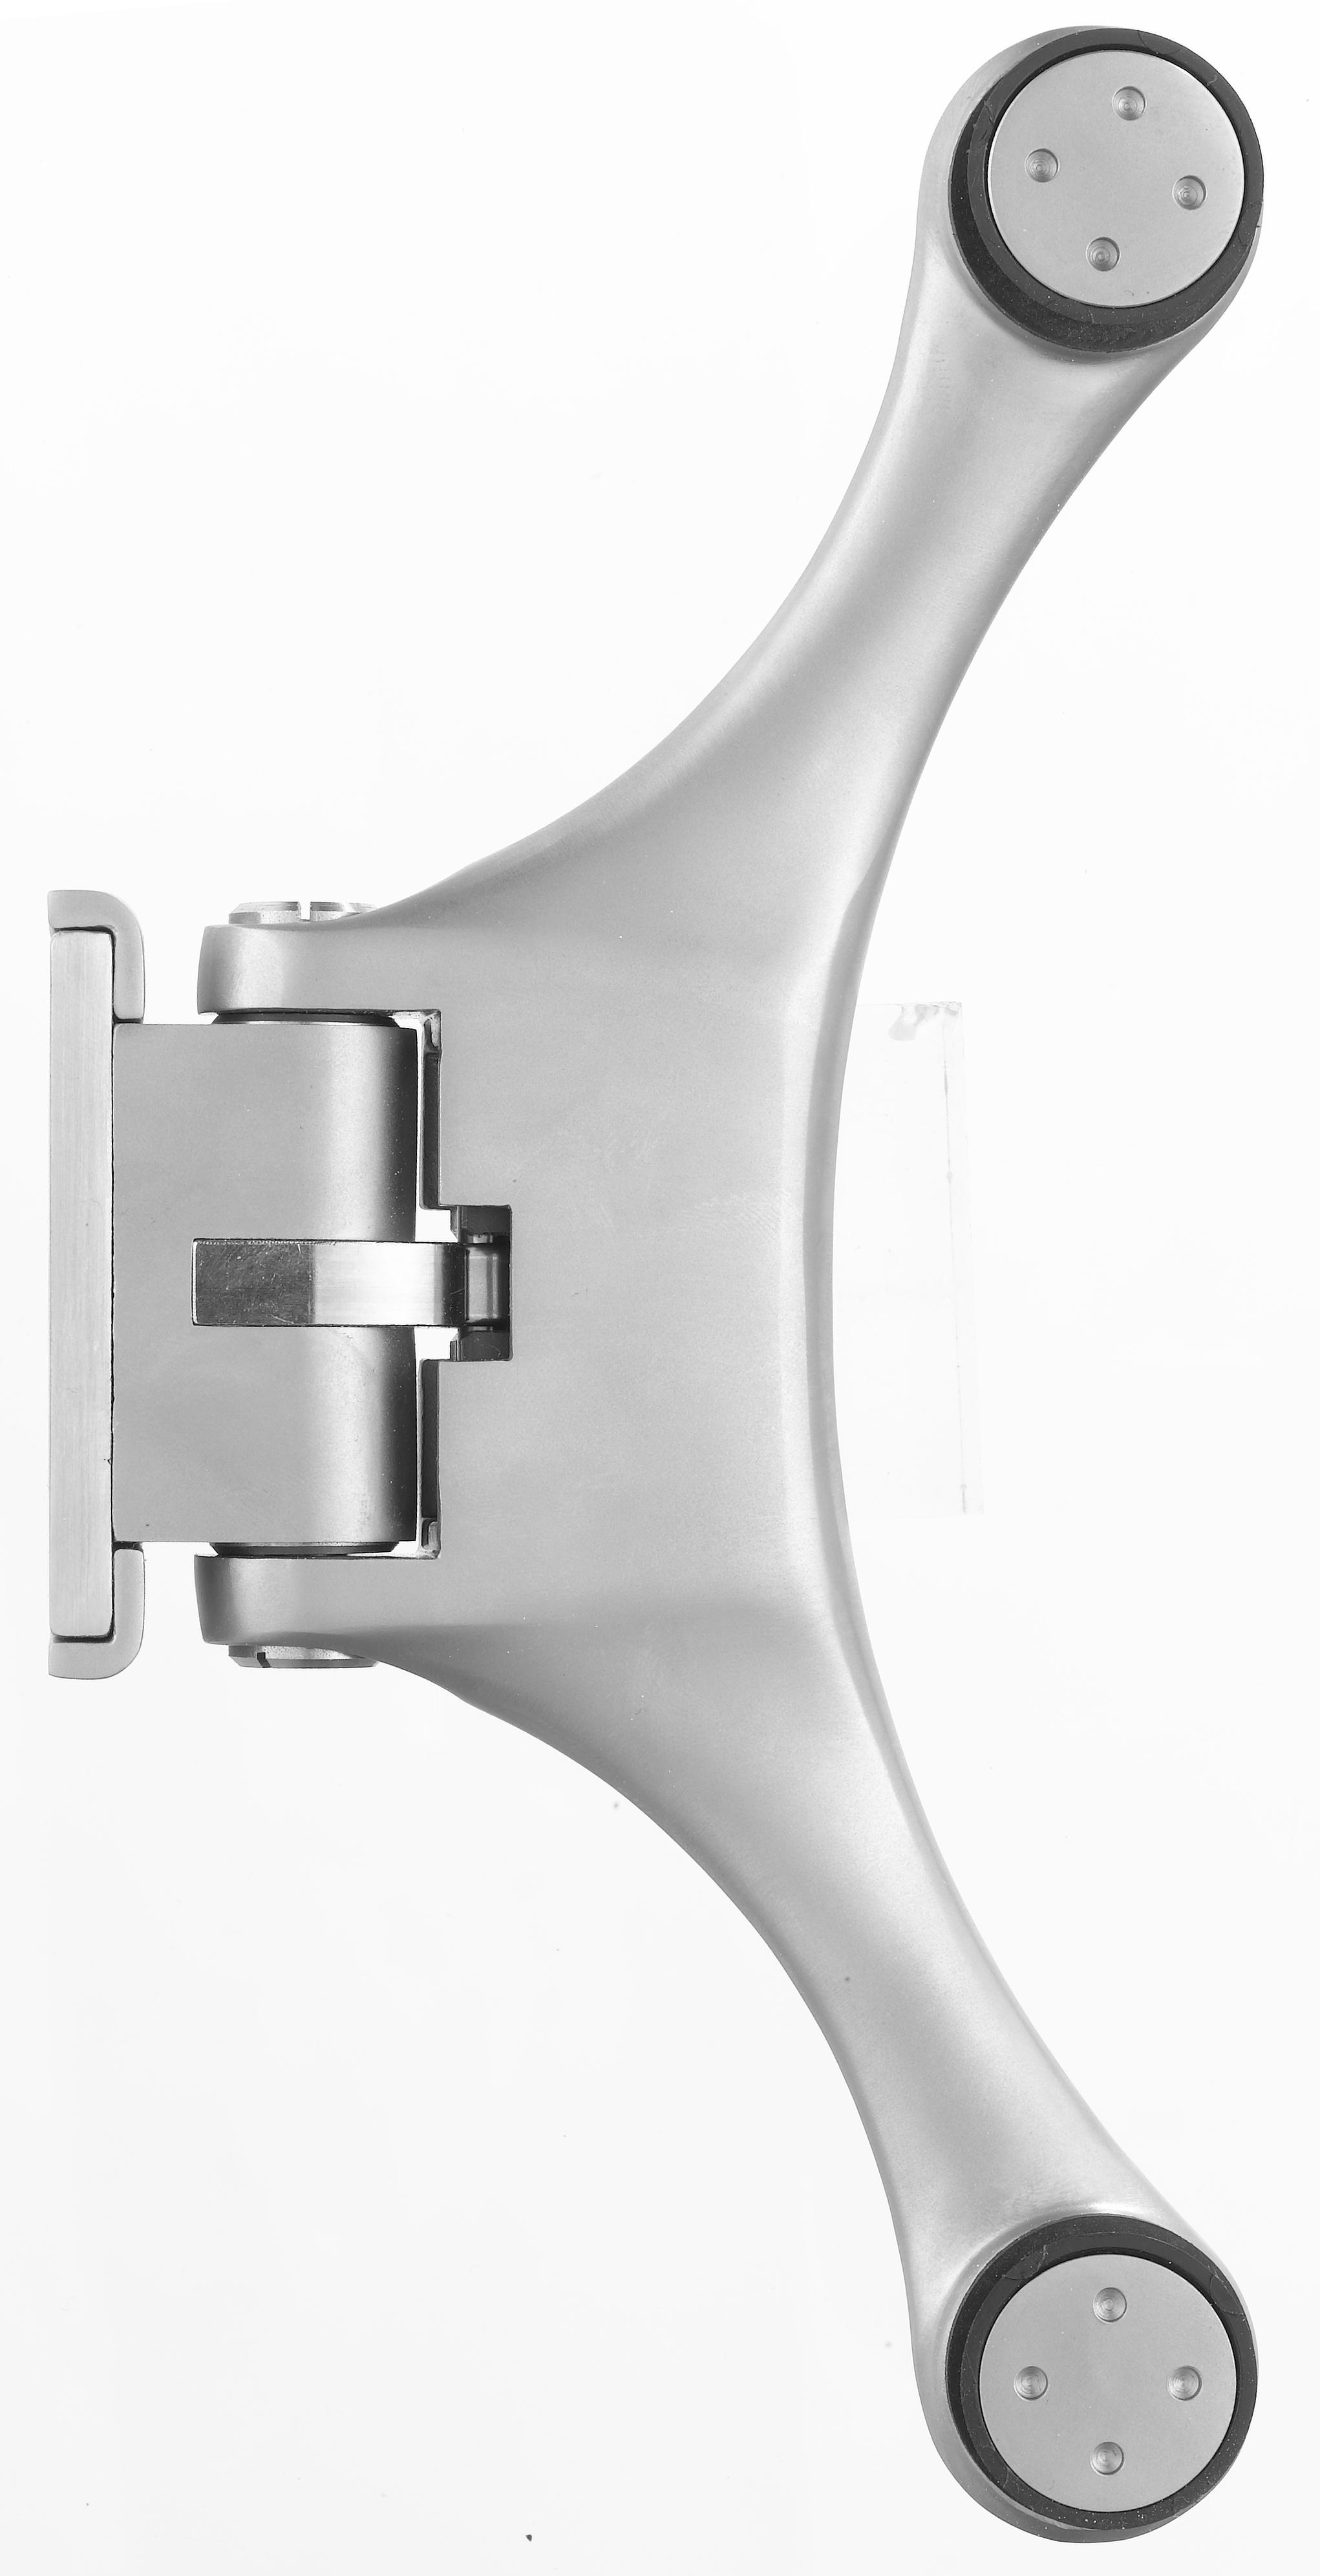 Sisteme de fixare si rotatie pentru usi pivotante SADEV DECOR - Poza 17